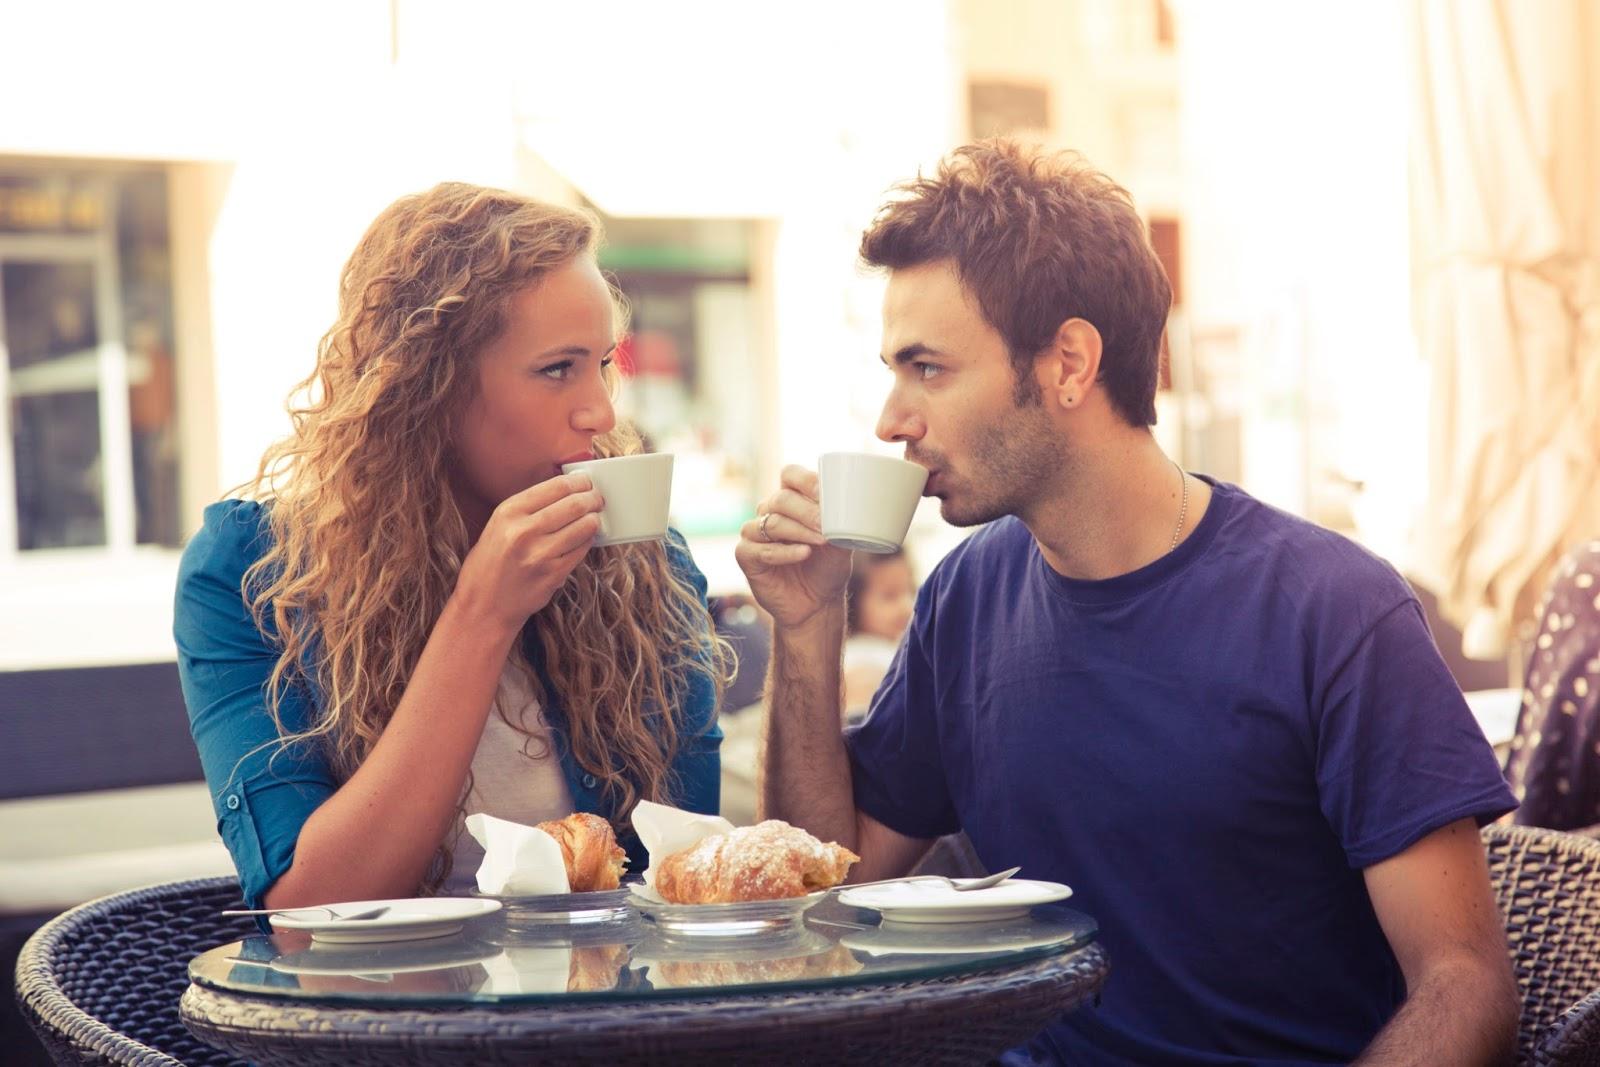 Что значит остаться друзьями после расставания и возможна ли такая дружба